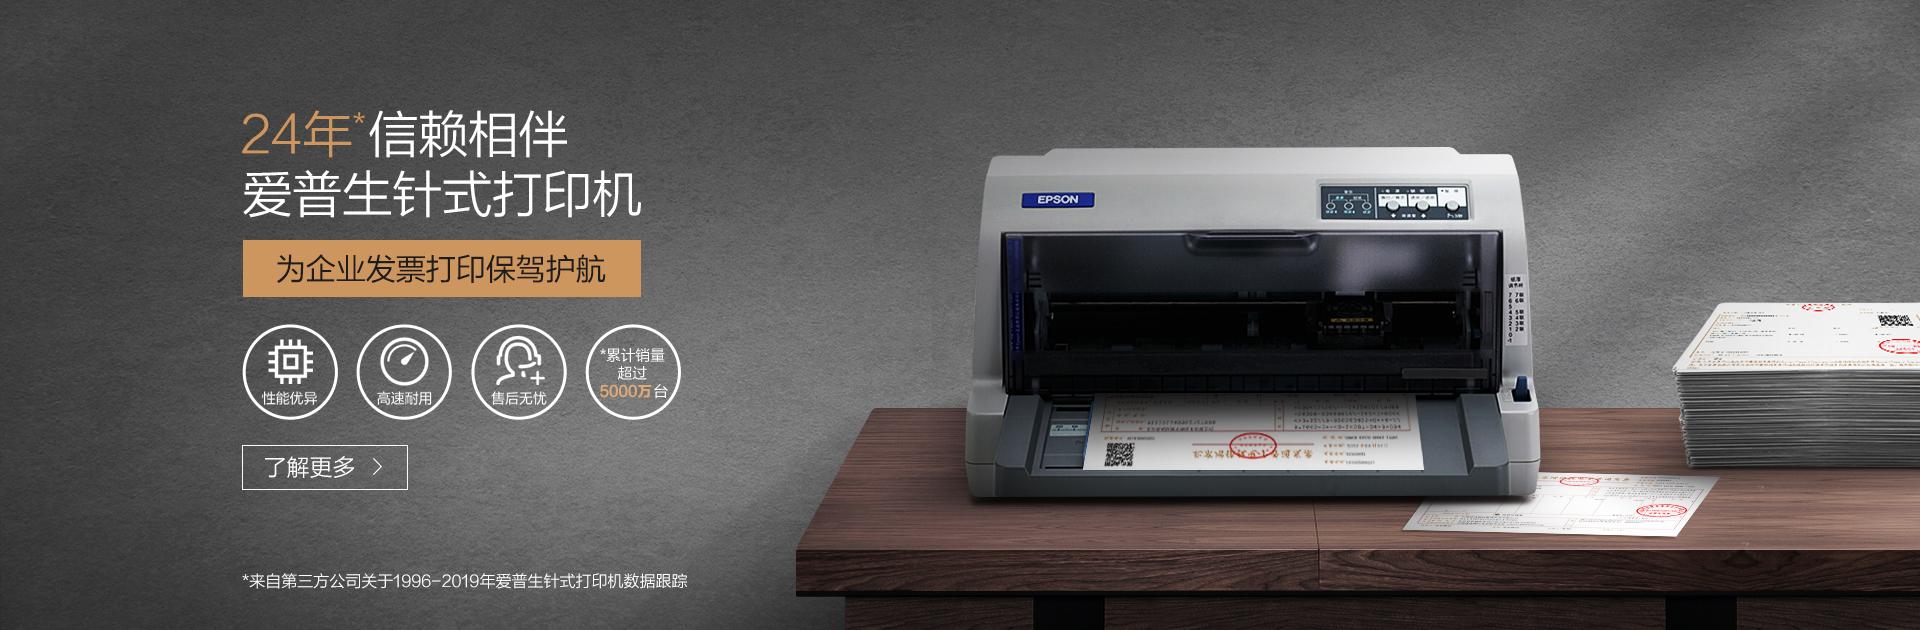 愛普生針式打印機輝(hui)煌30周年